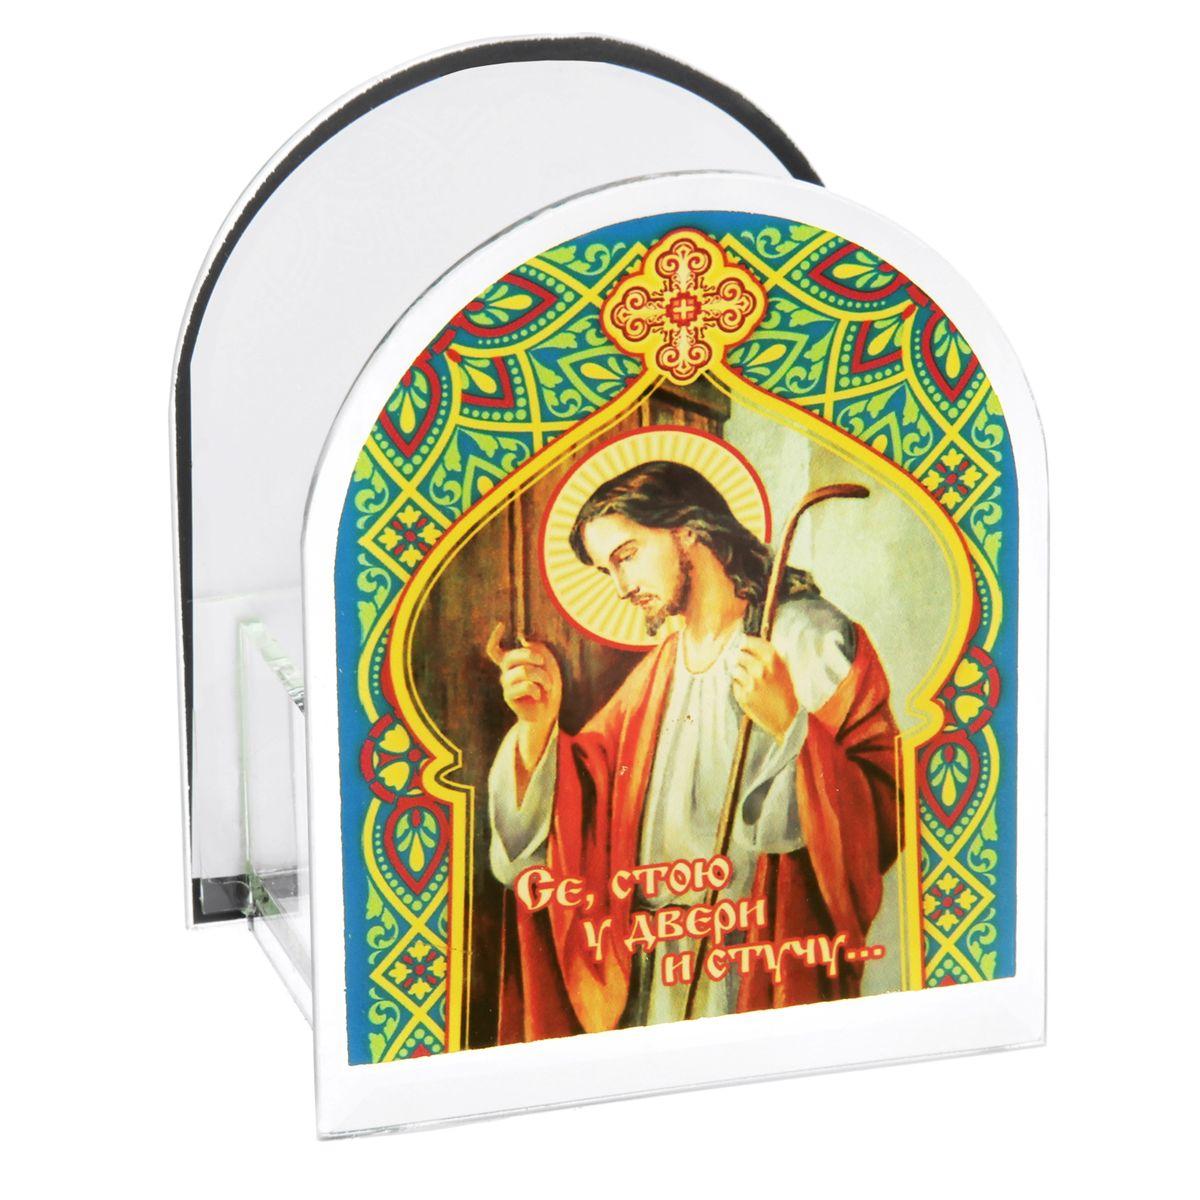 Подсвечник Sima-land Се, стою у двери и стучу...842470Подсвечник Sima-land Се, стою у двери и стучу... изготовлен из качественного стекла, предназначен для свечи в гильзе. С одной стороны подсвечника изображен лик святого, с другой стороны нанесен текст. Зажгите свечку поставьте ее в подсвечник и наслаждайтесь теплом, которое наполнит ваше сердце.Такой подсвечник привнесет в ваш дом согласие и мир и будет прекрасным подарком, оберегающим близких вам людей. Размер подсвечника (ДхШхВ): 9 см х 7 см х 11 см.Диаметр отверстия для свечи: 4,5 см.